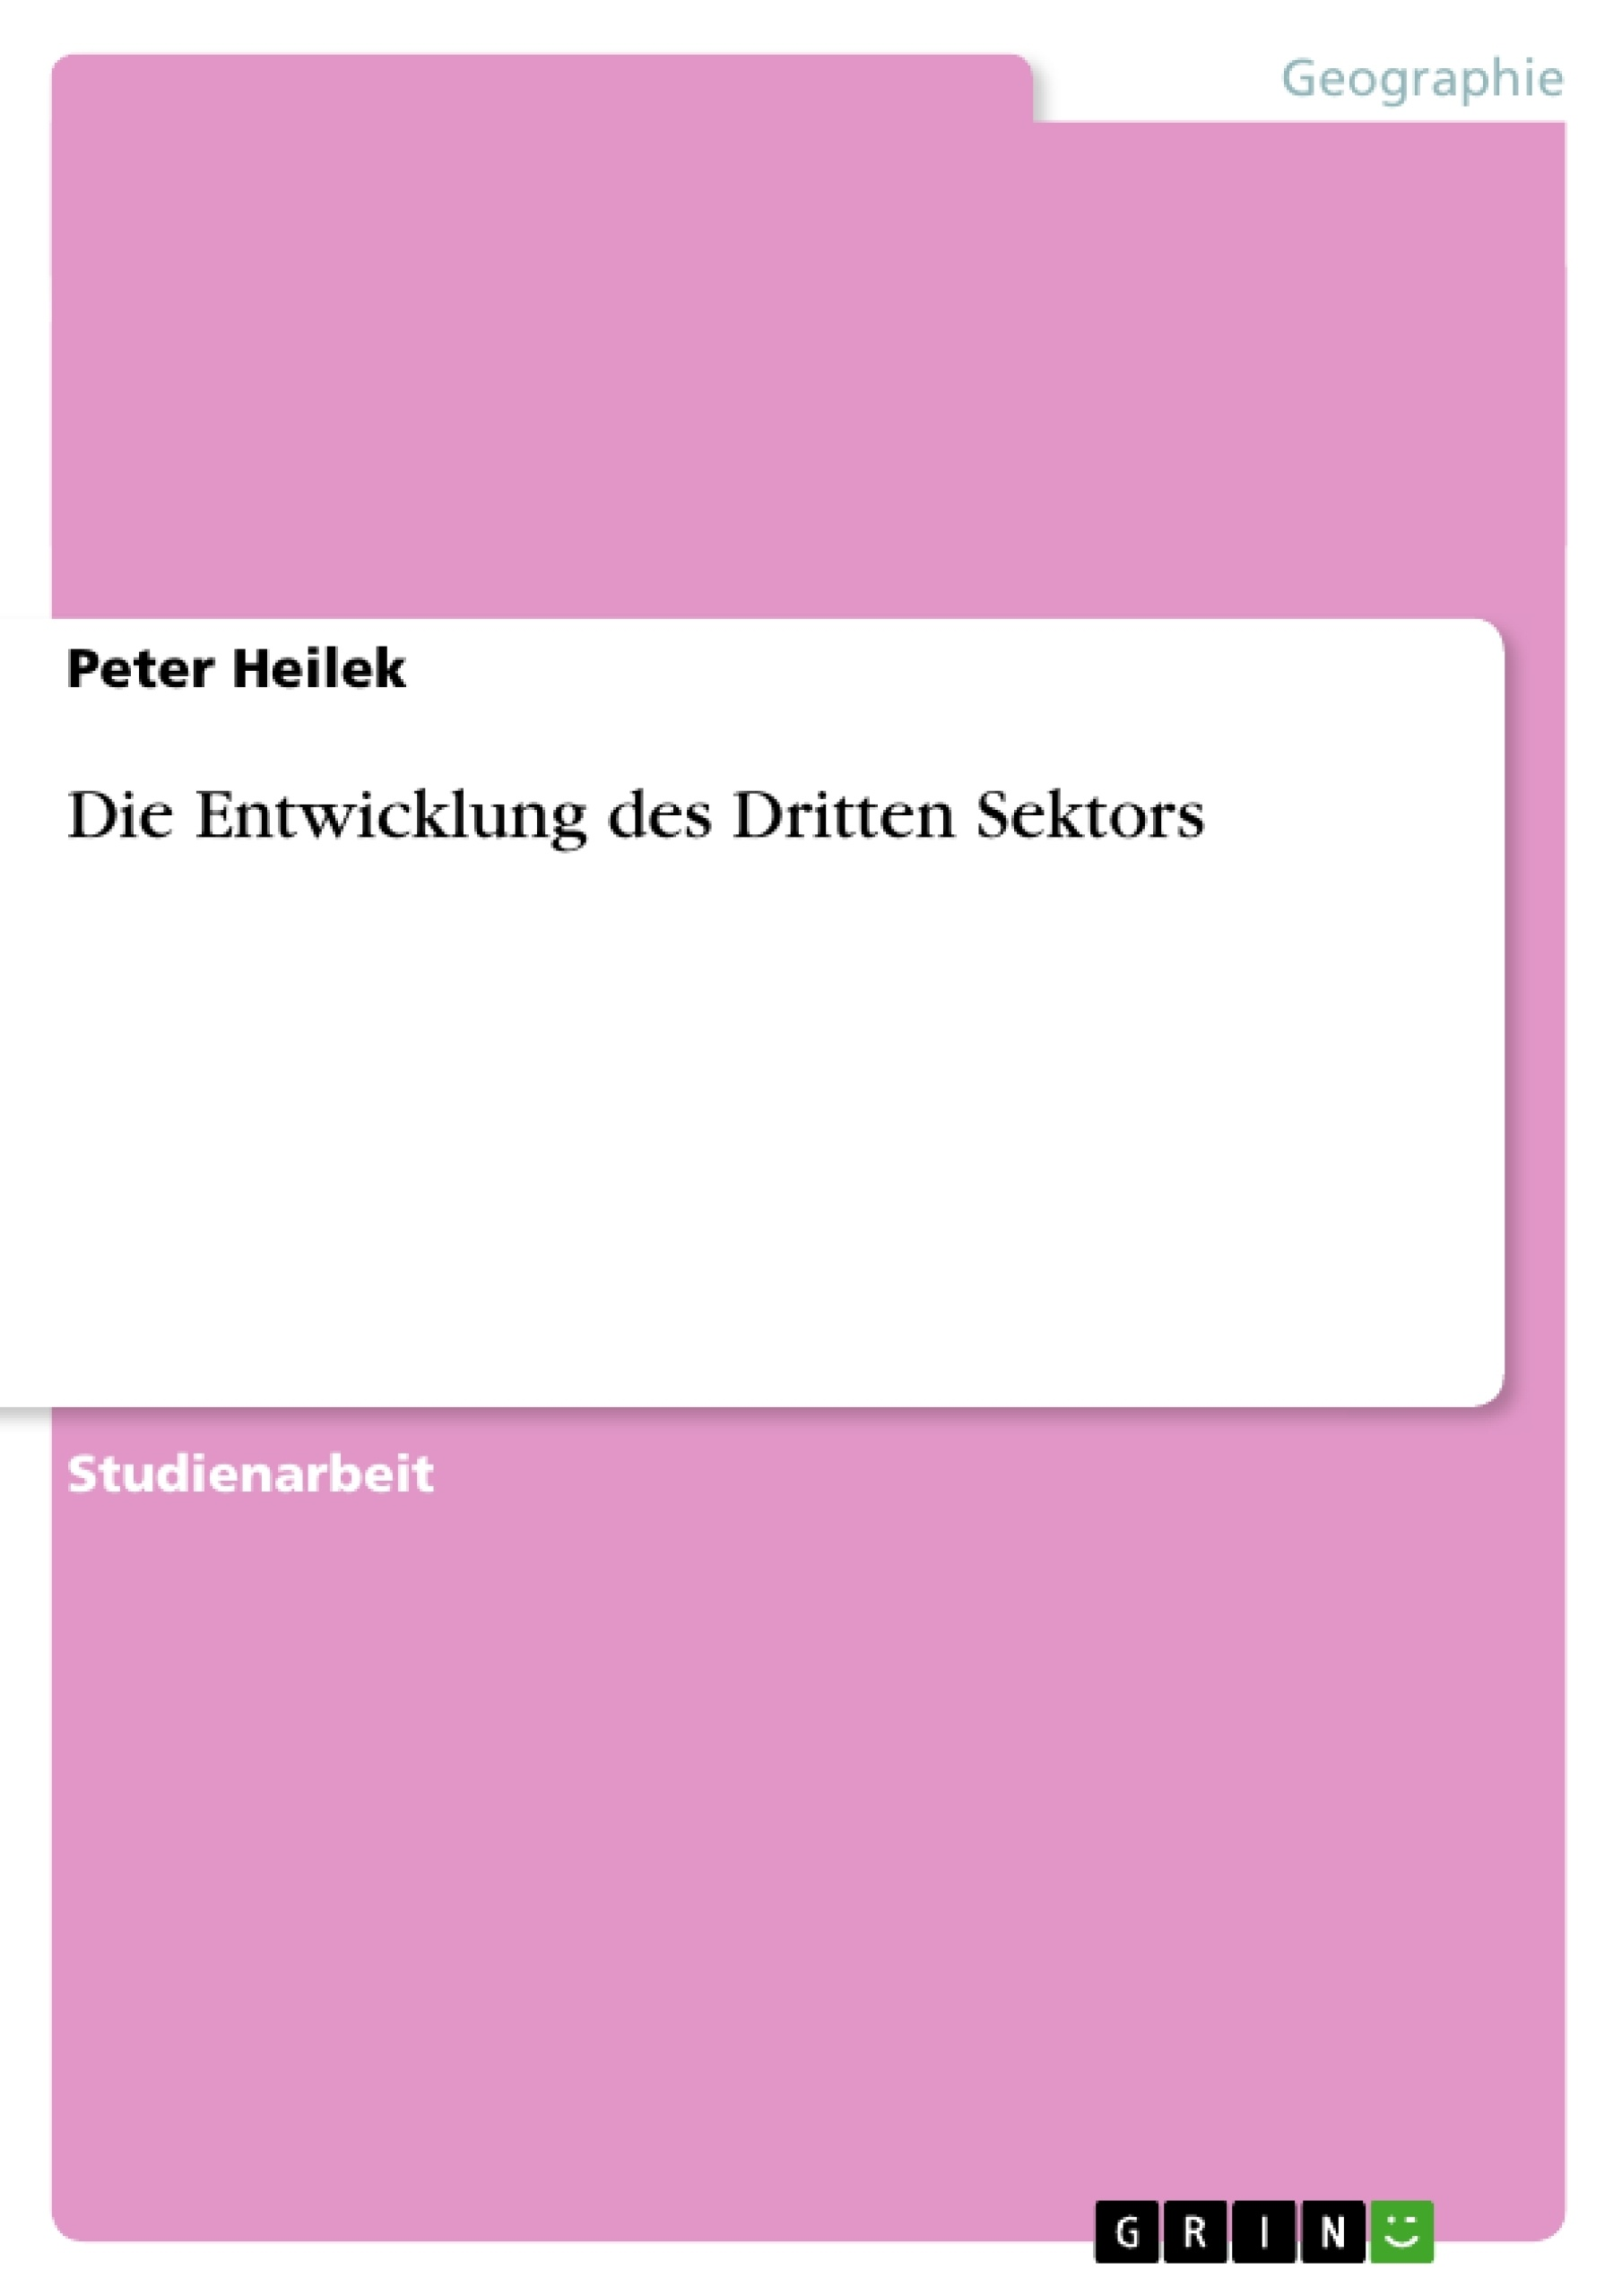 Titel: Die Entwicklung des Dritten Sektors